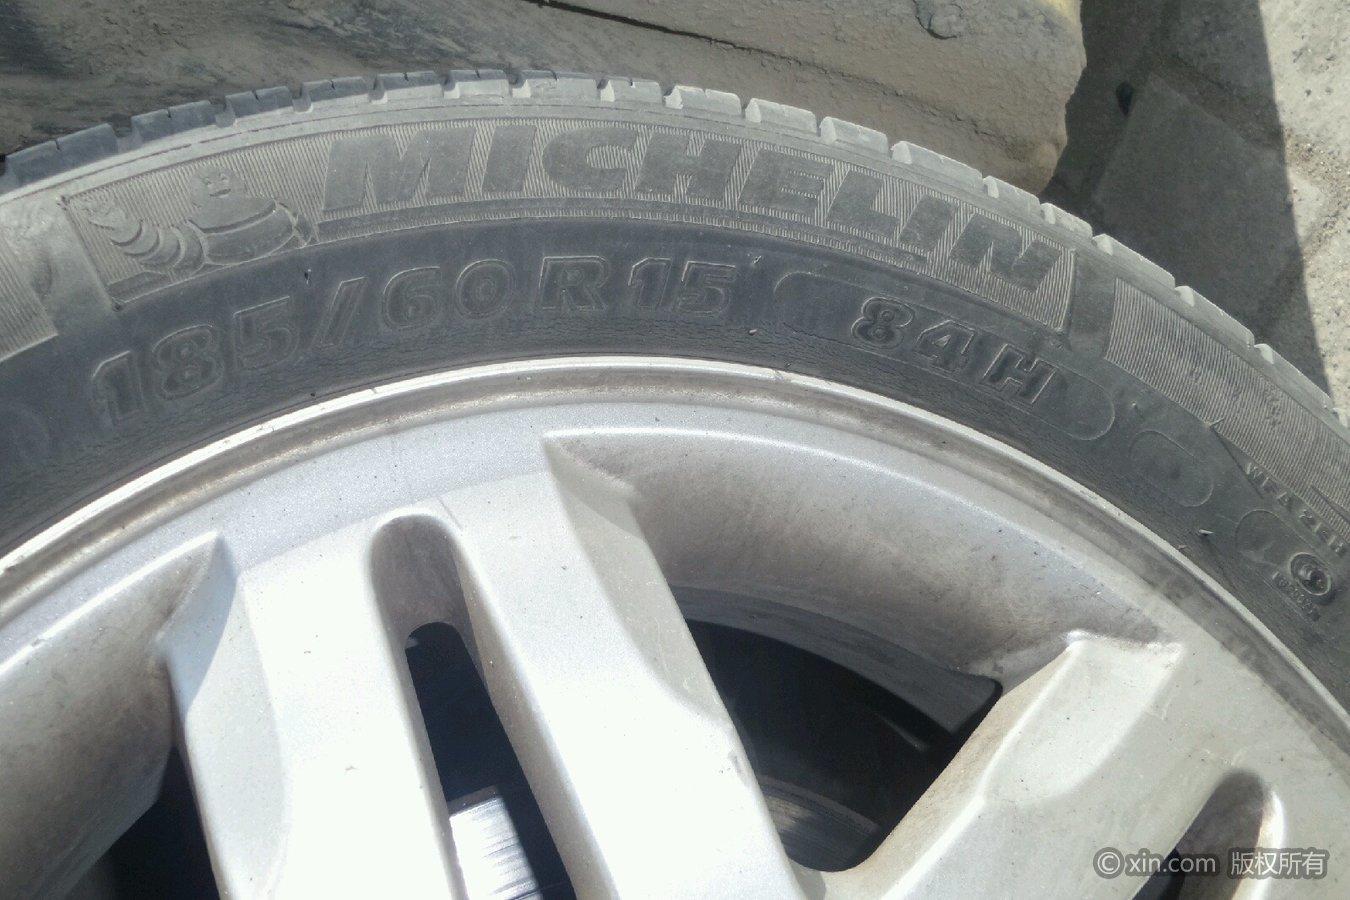 铃木呼市左前雨燕邮编尺寸赛马场元大都的轮胎号图片